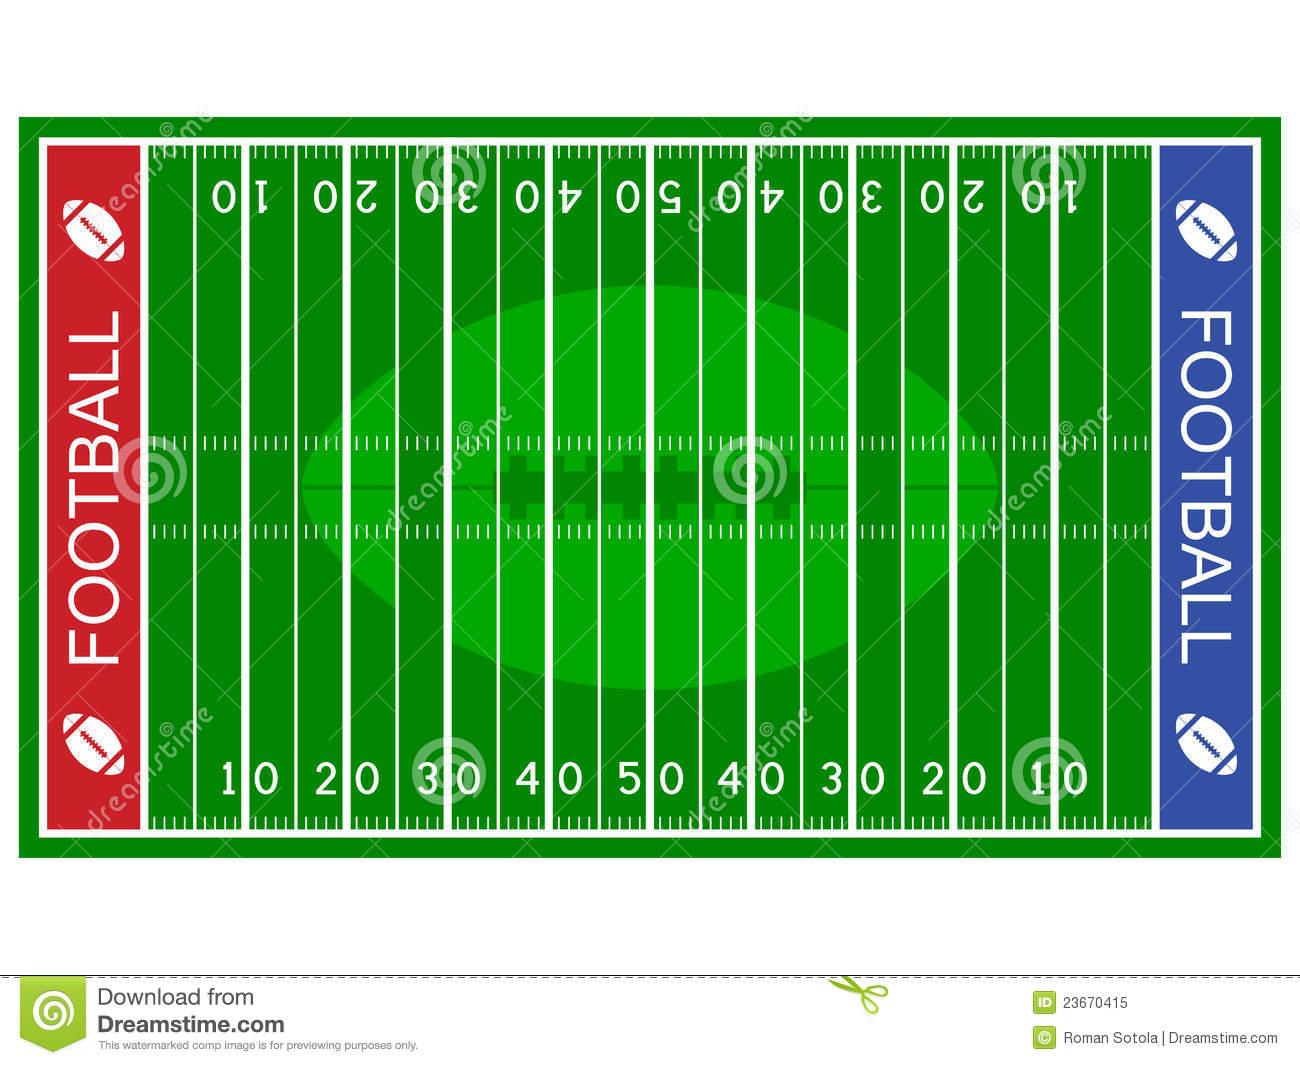 Clip Art of Football Field